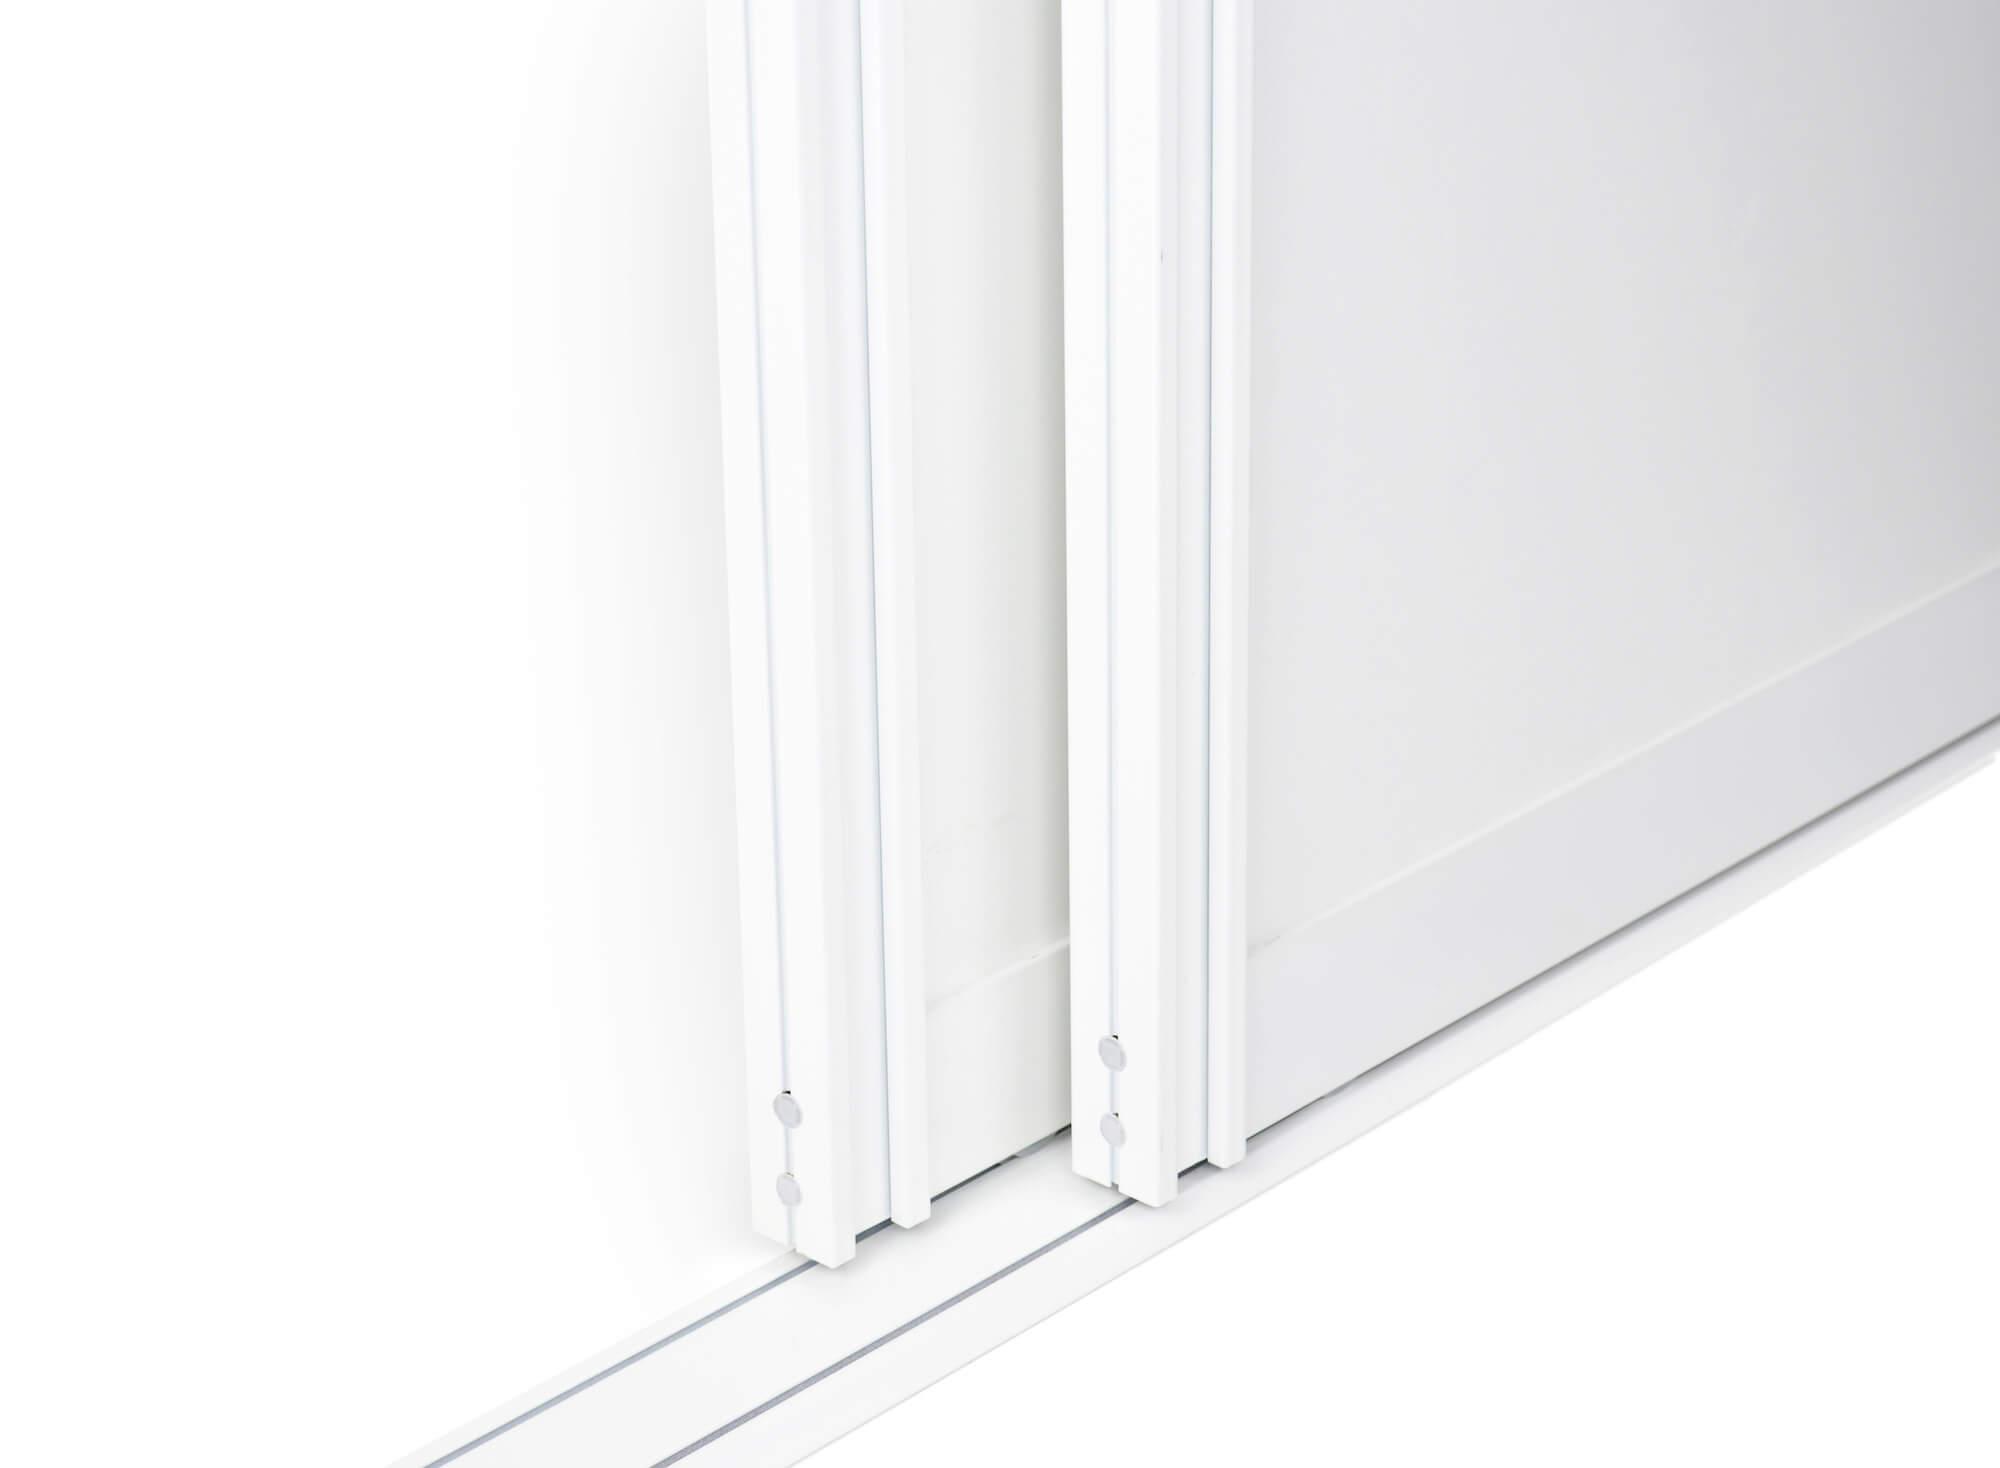 Schiebetür Profil Tosca Weiß Matt lackiert Beispielfoto für Raumteiler, Schranktüren und Durchgangstüren